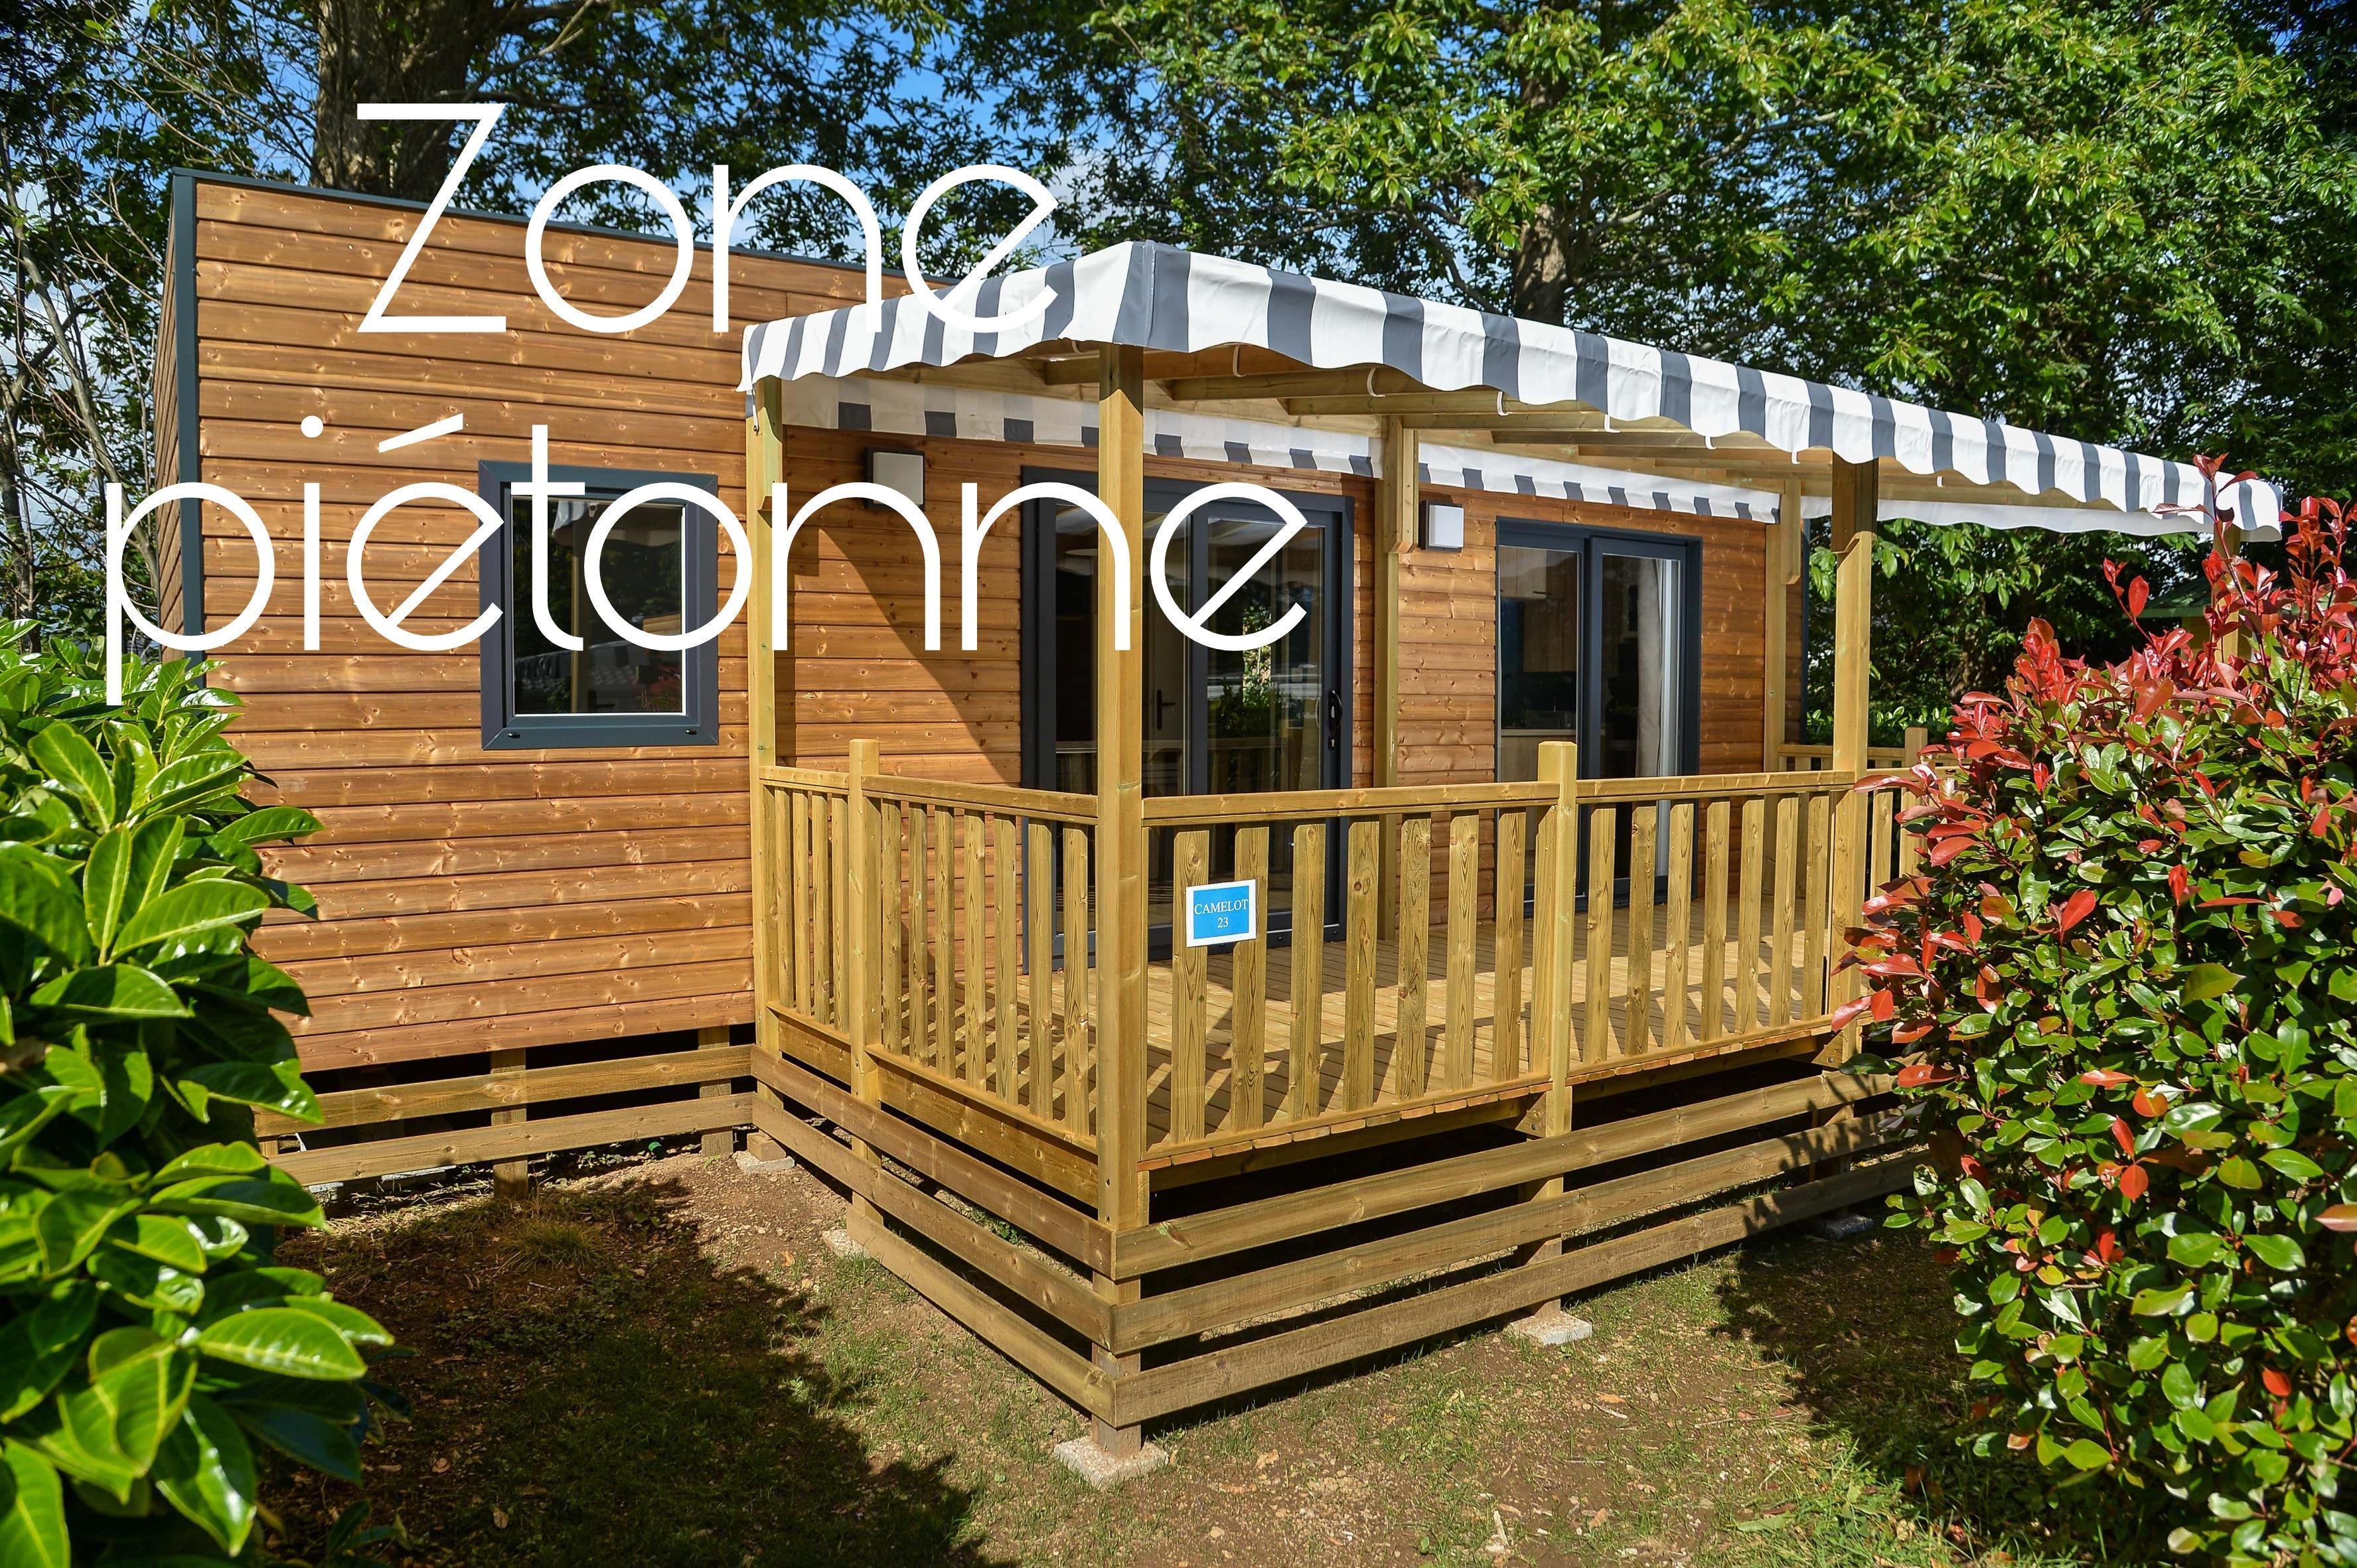 Location - Mobil-Home Vip Camelot 32M² (2 Chambres) + Grande Terrasse Couverte + Lave-Vaisselle / Zone Piétonne - Flower Camping Le Kergariou